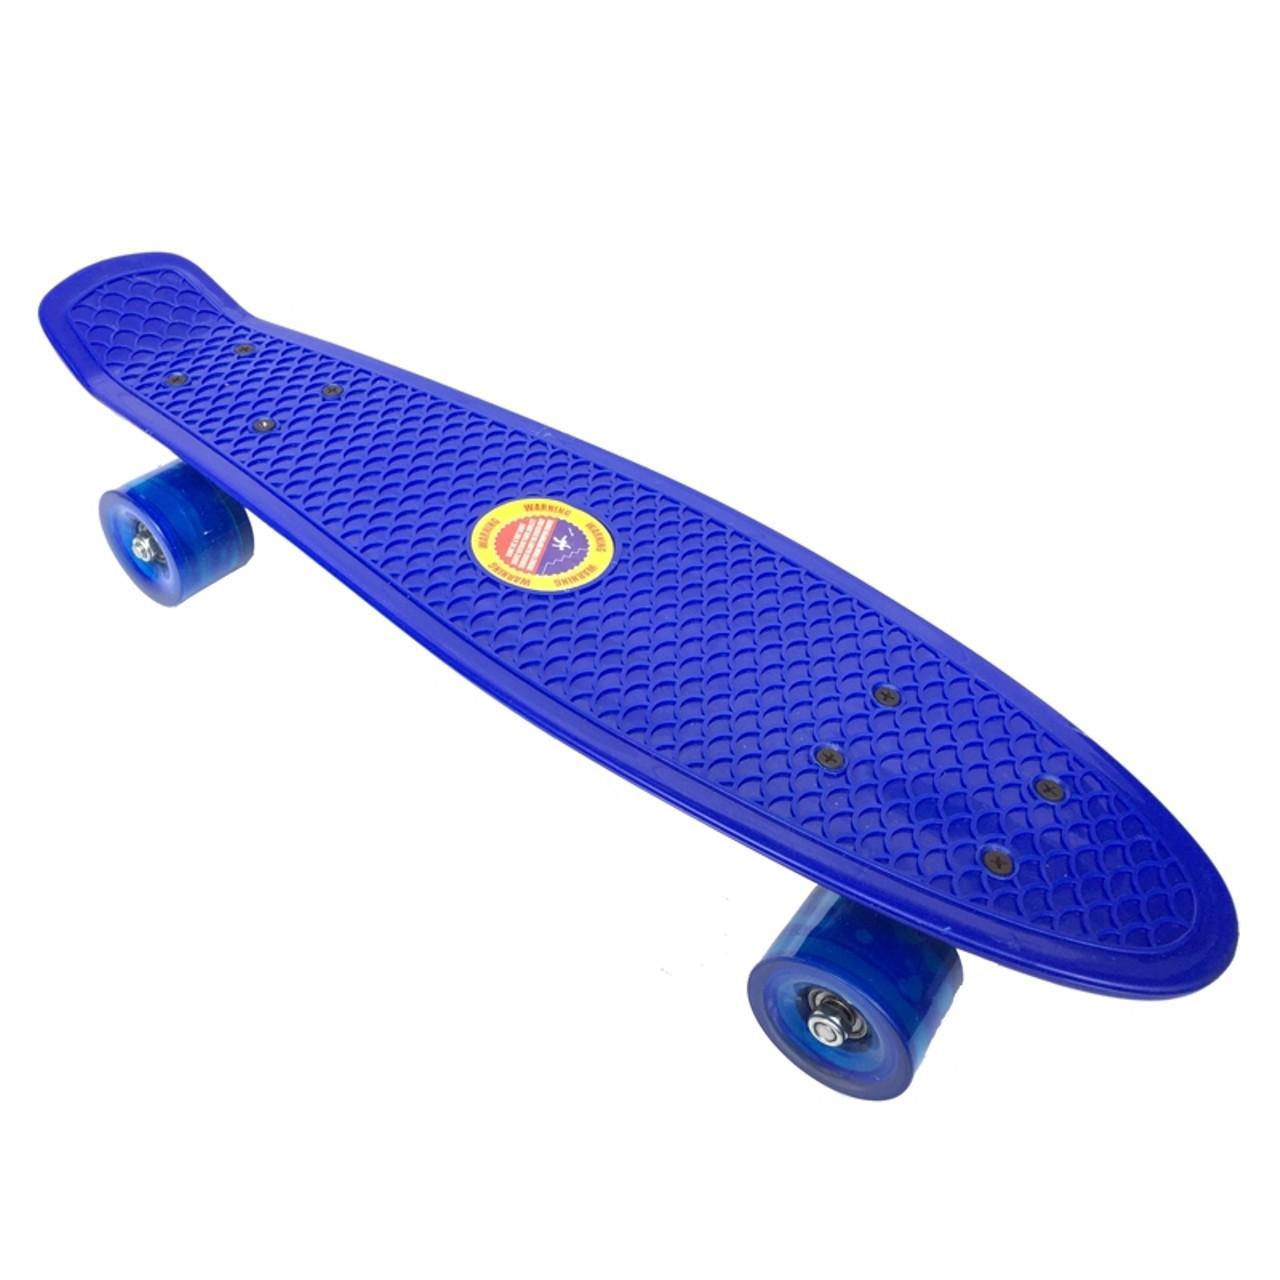 Giá bán Ván trượt Skateboard Penny thể thao siêu đẹp, không đèn (Màu ngẫu nhiên)